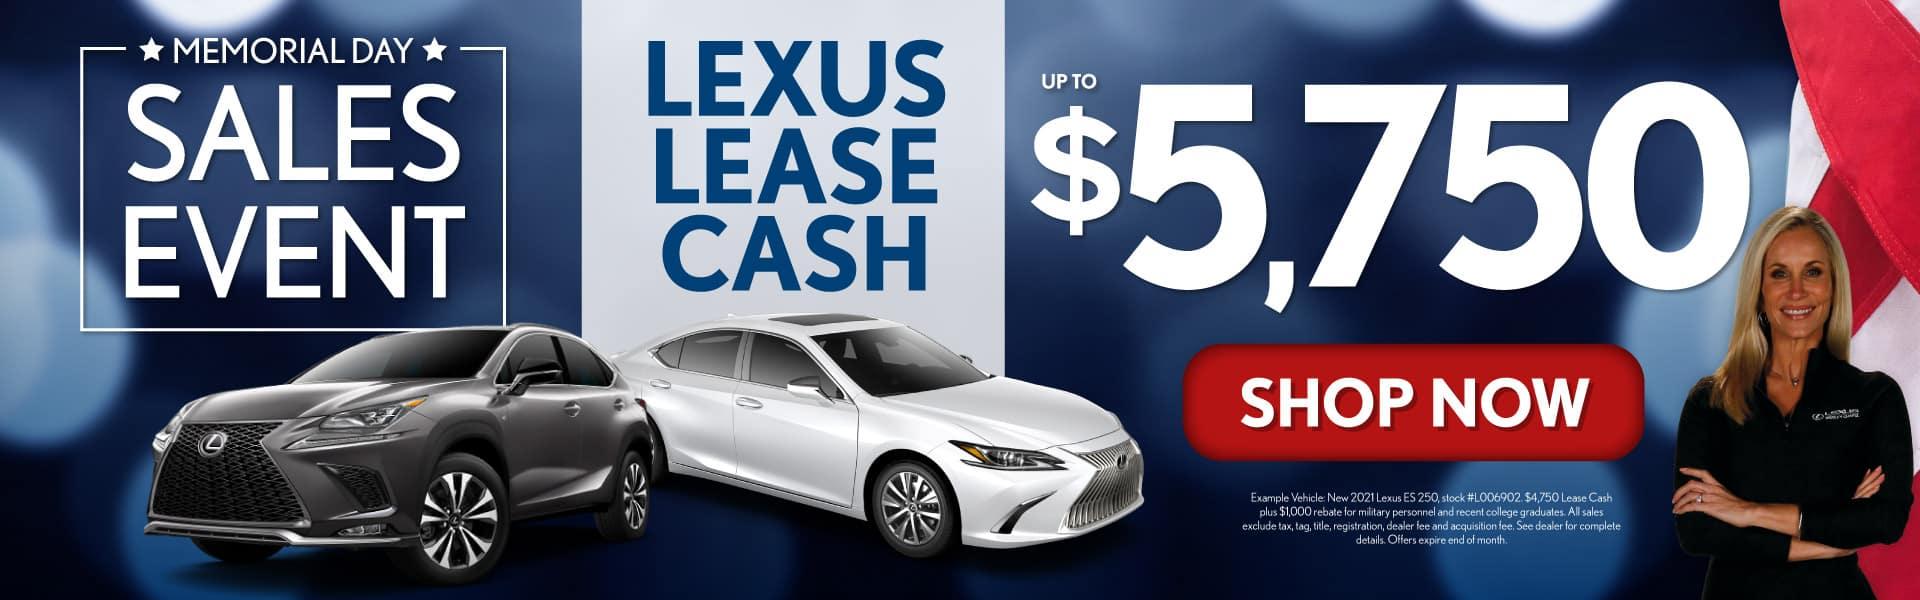 Get up to $5,750 Lexus Lease Cash - SHOP NOW